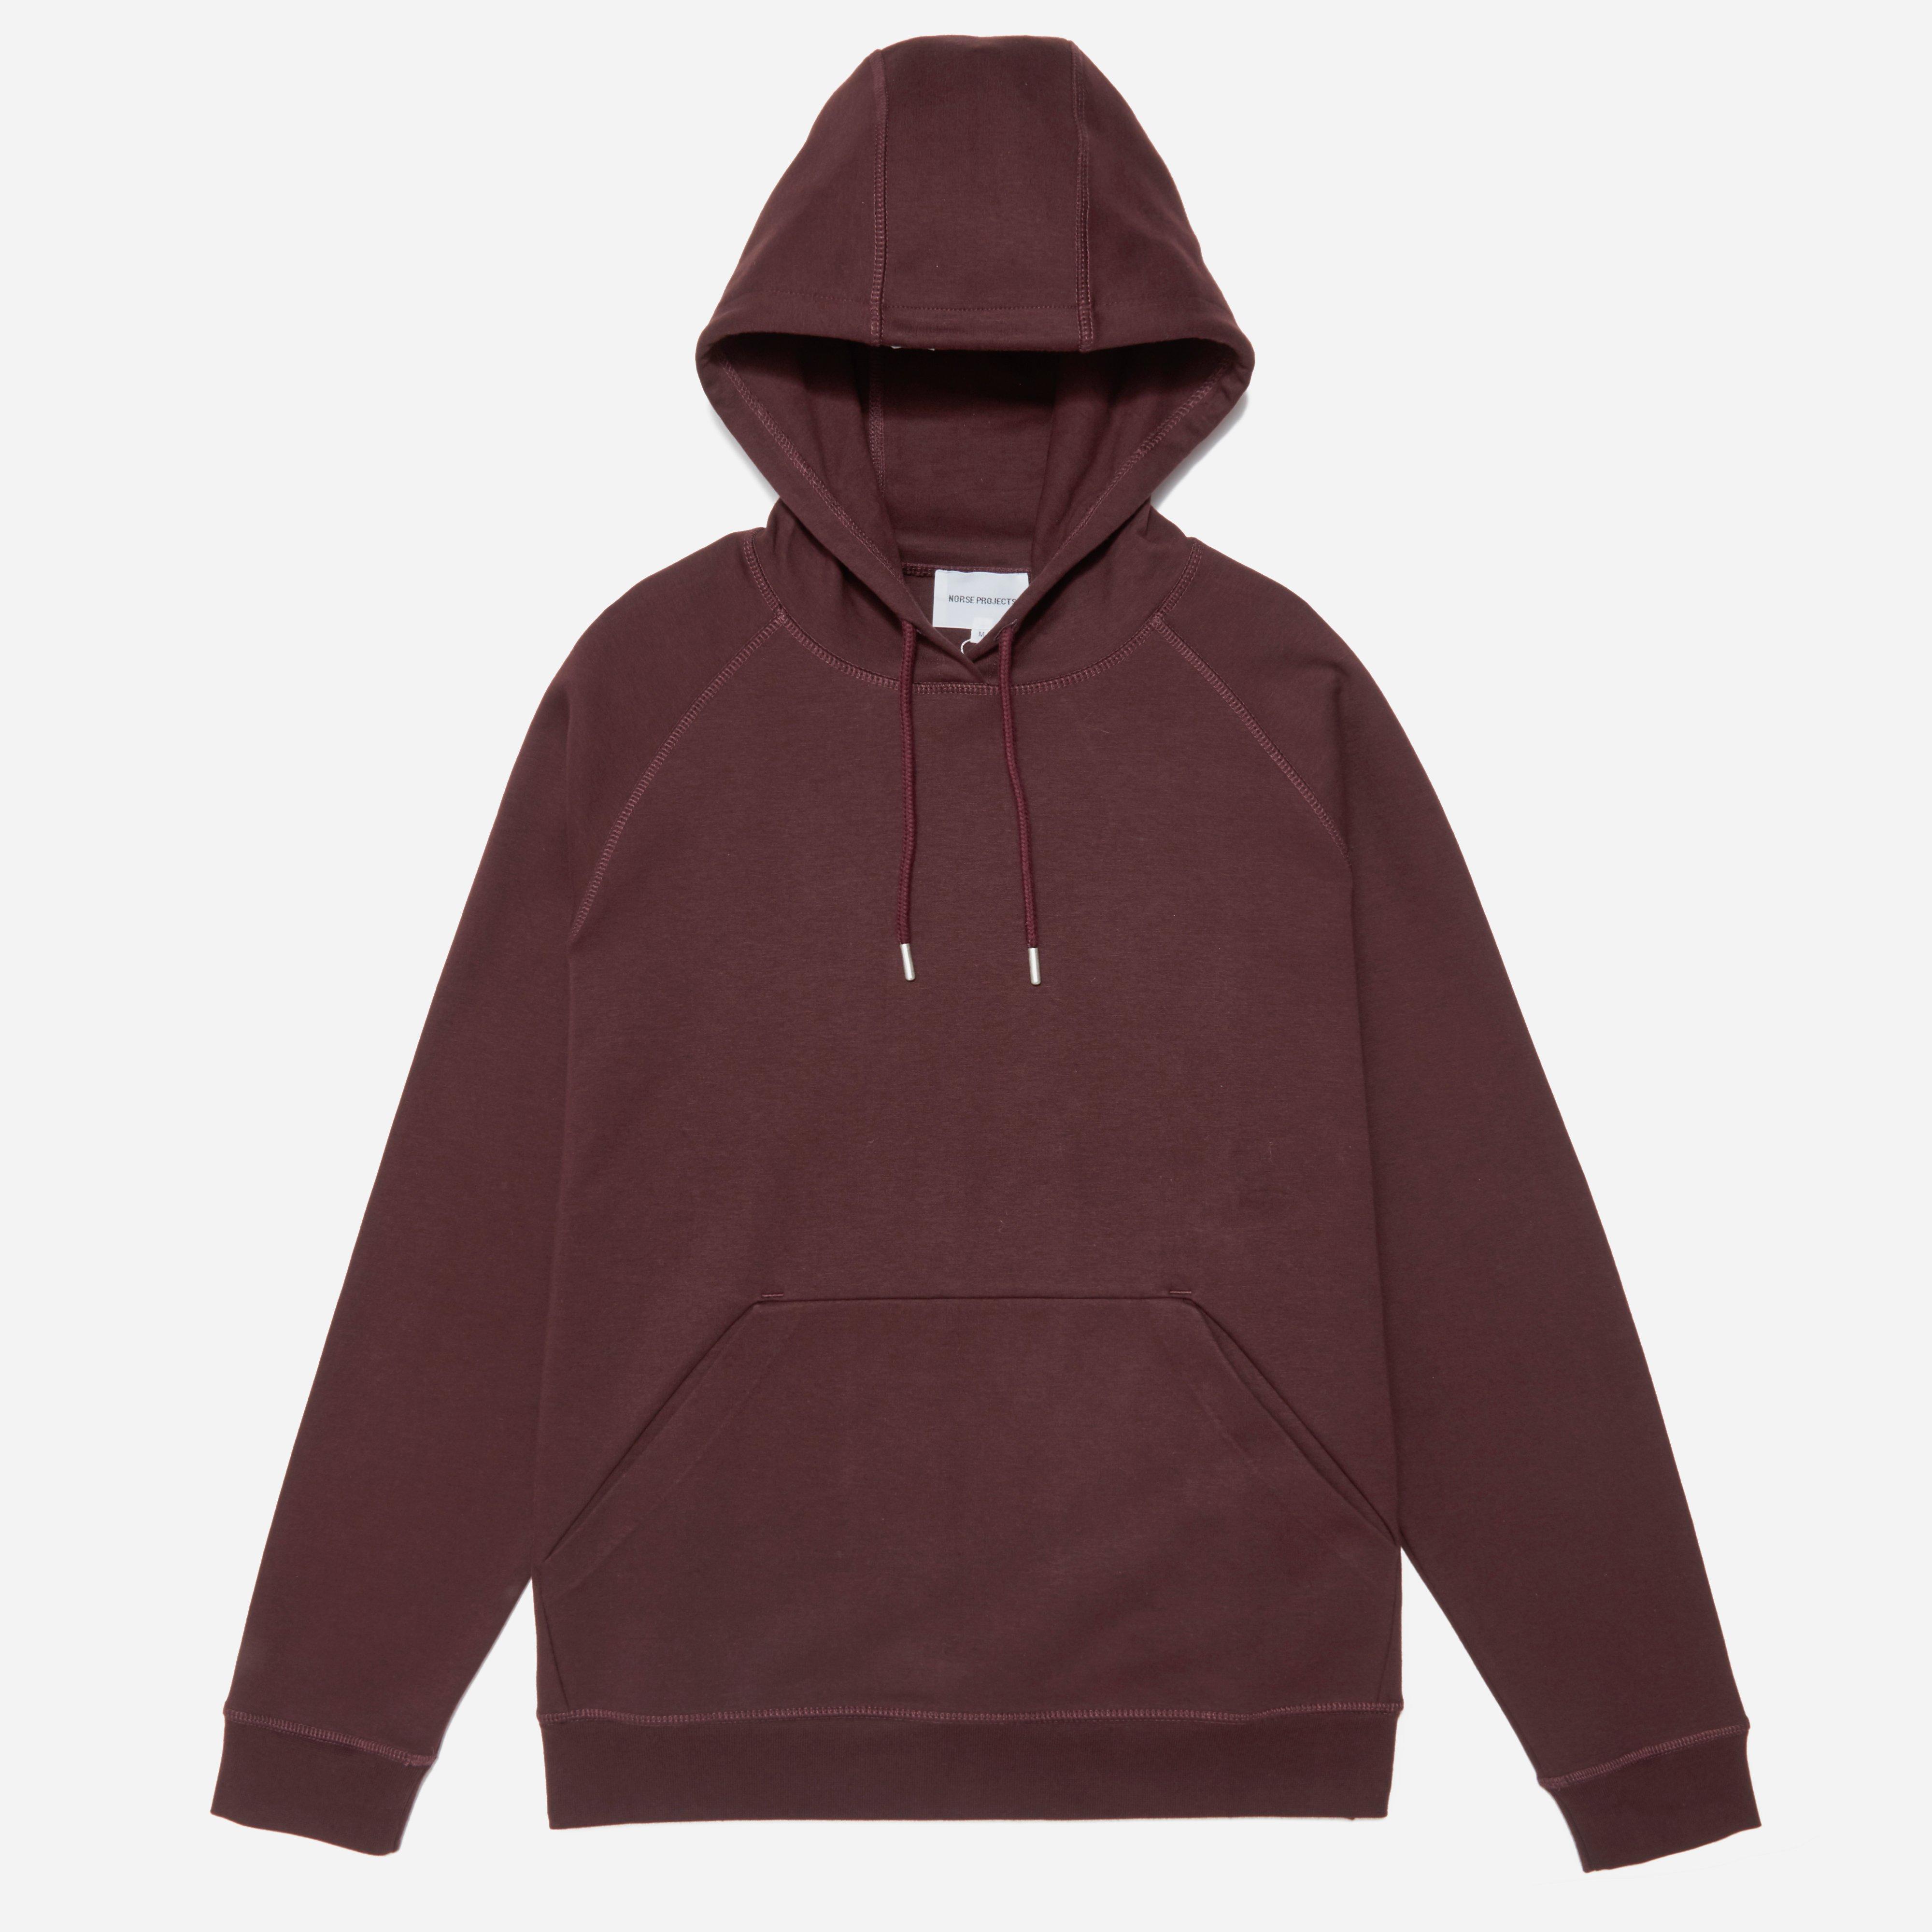 Norse Projects Ketel Dry Mercerized Hood Sweatshirt